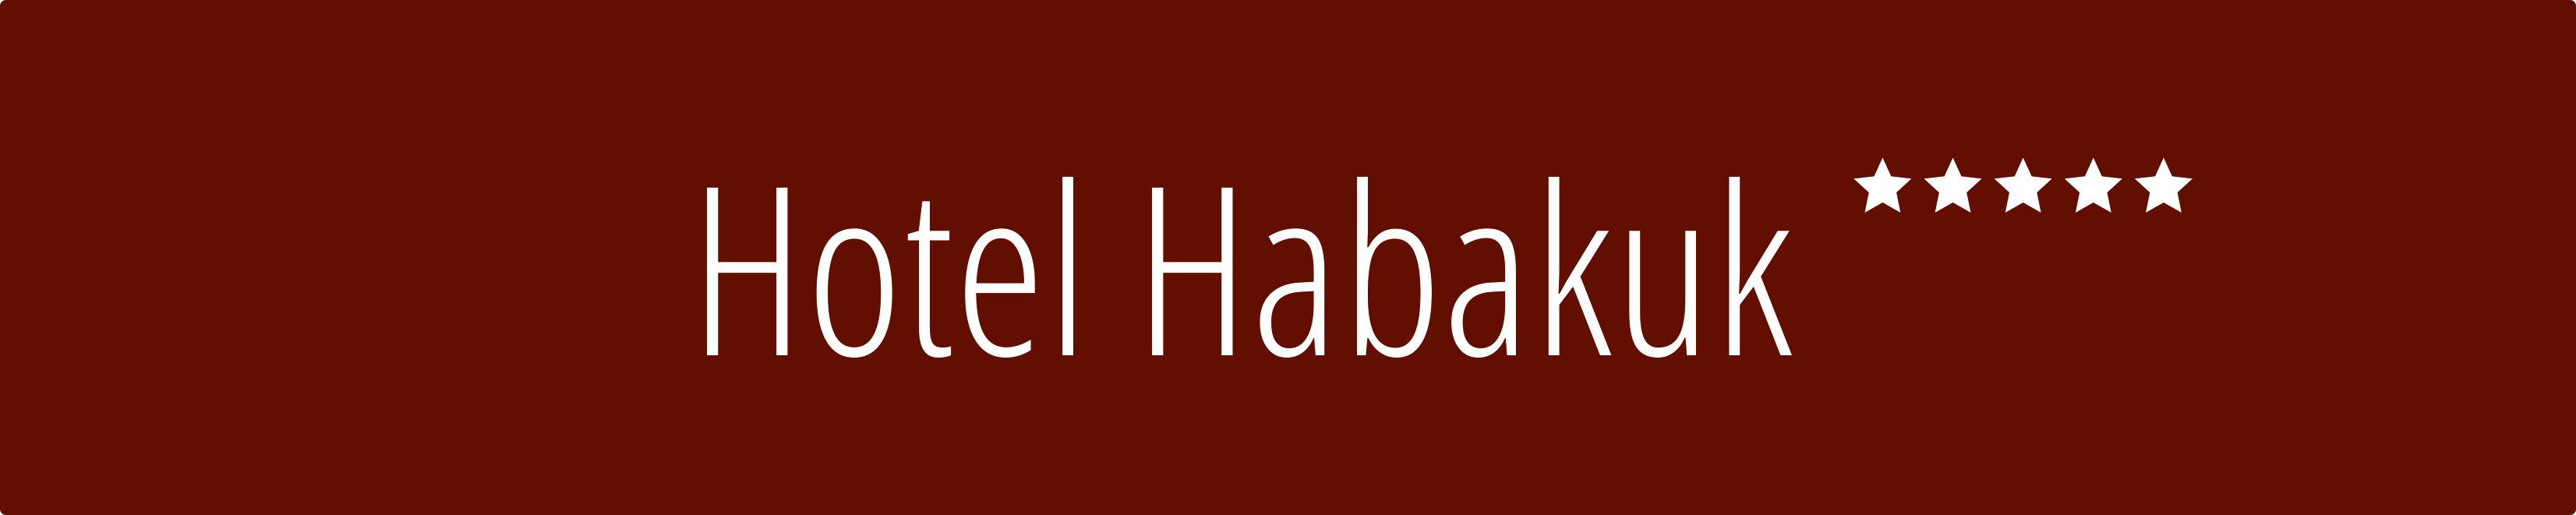 logo Hotel Habakuk